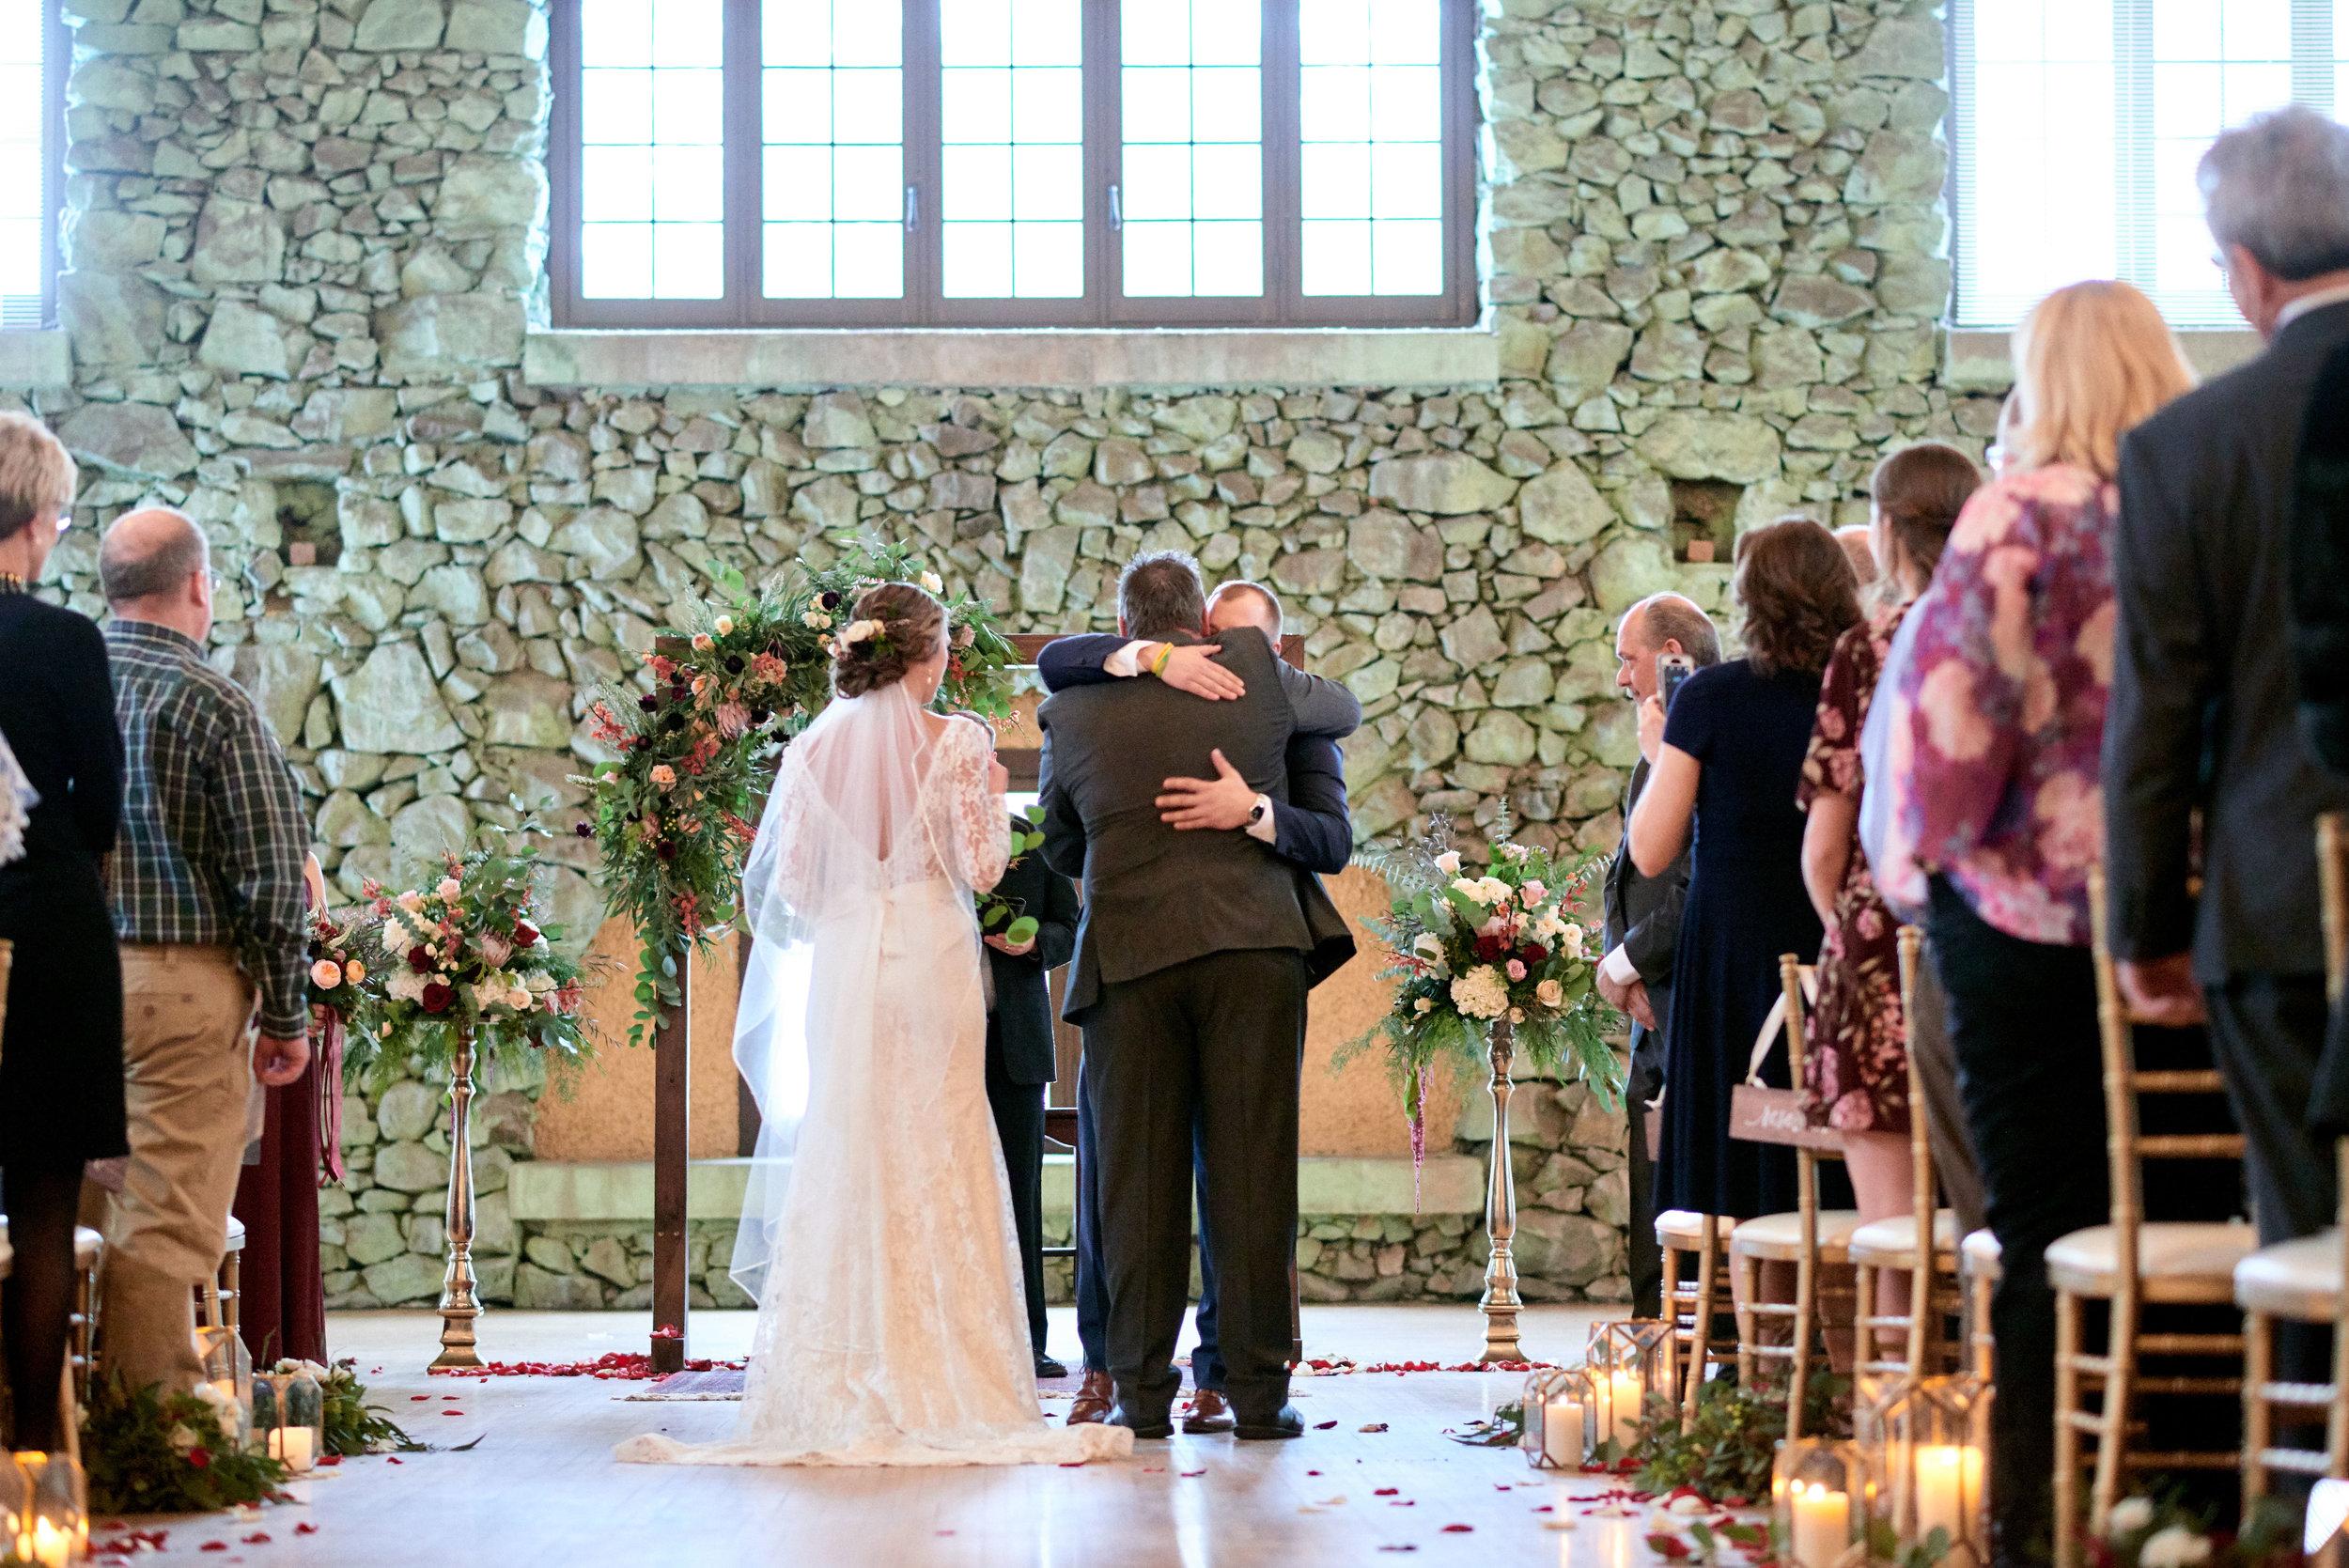 405-rothschild-pavilion-winter-wedding.jpg